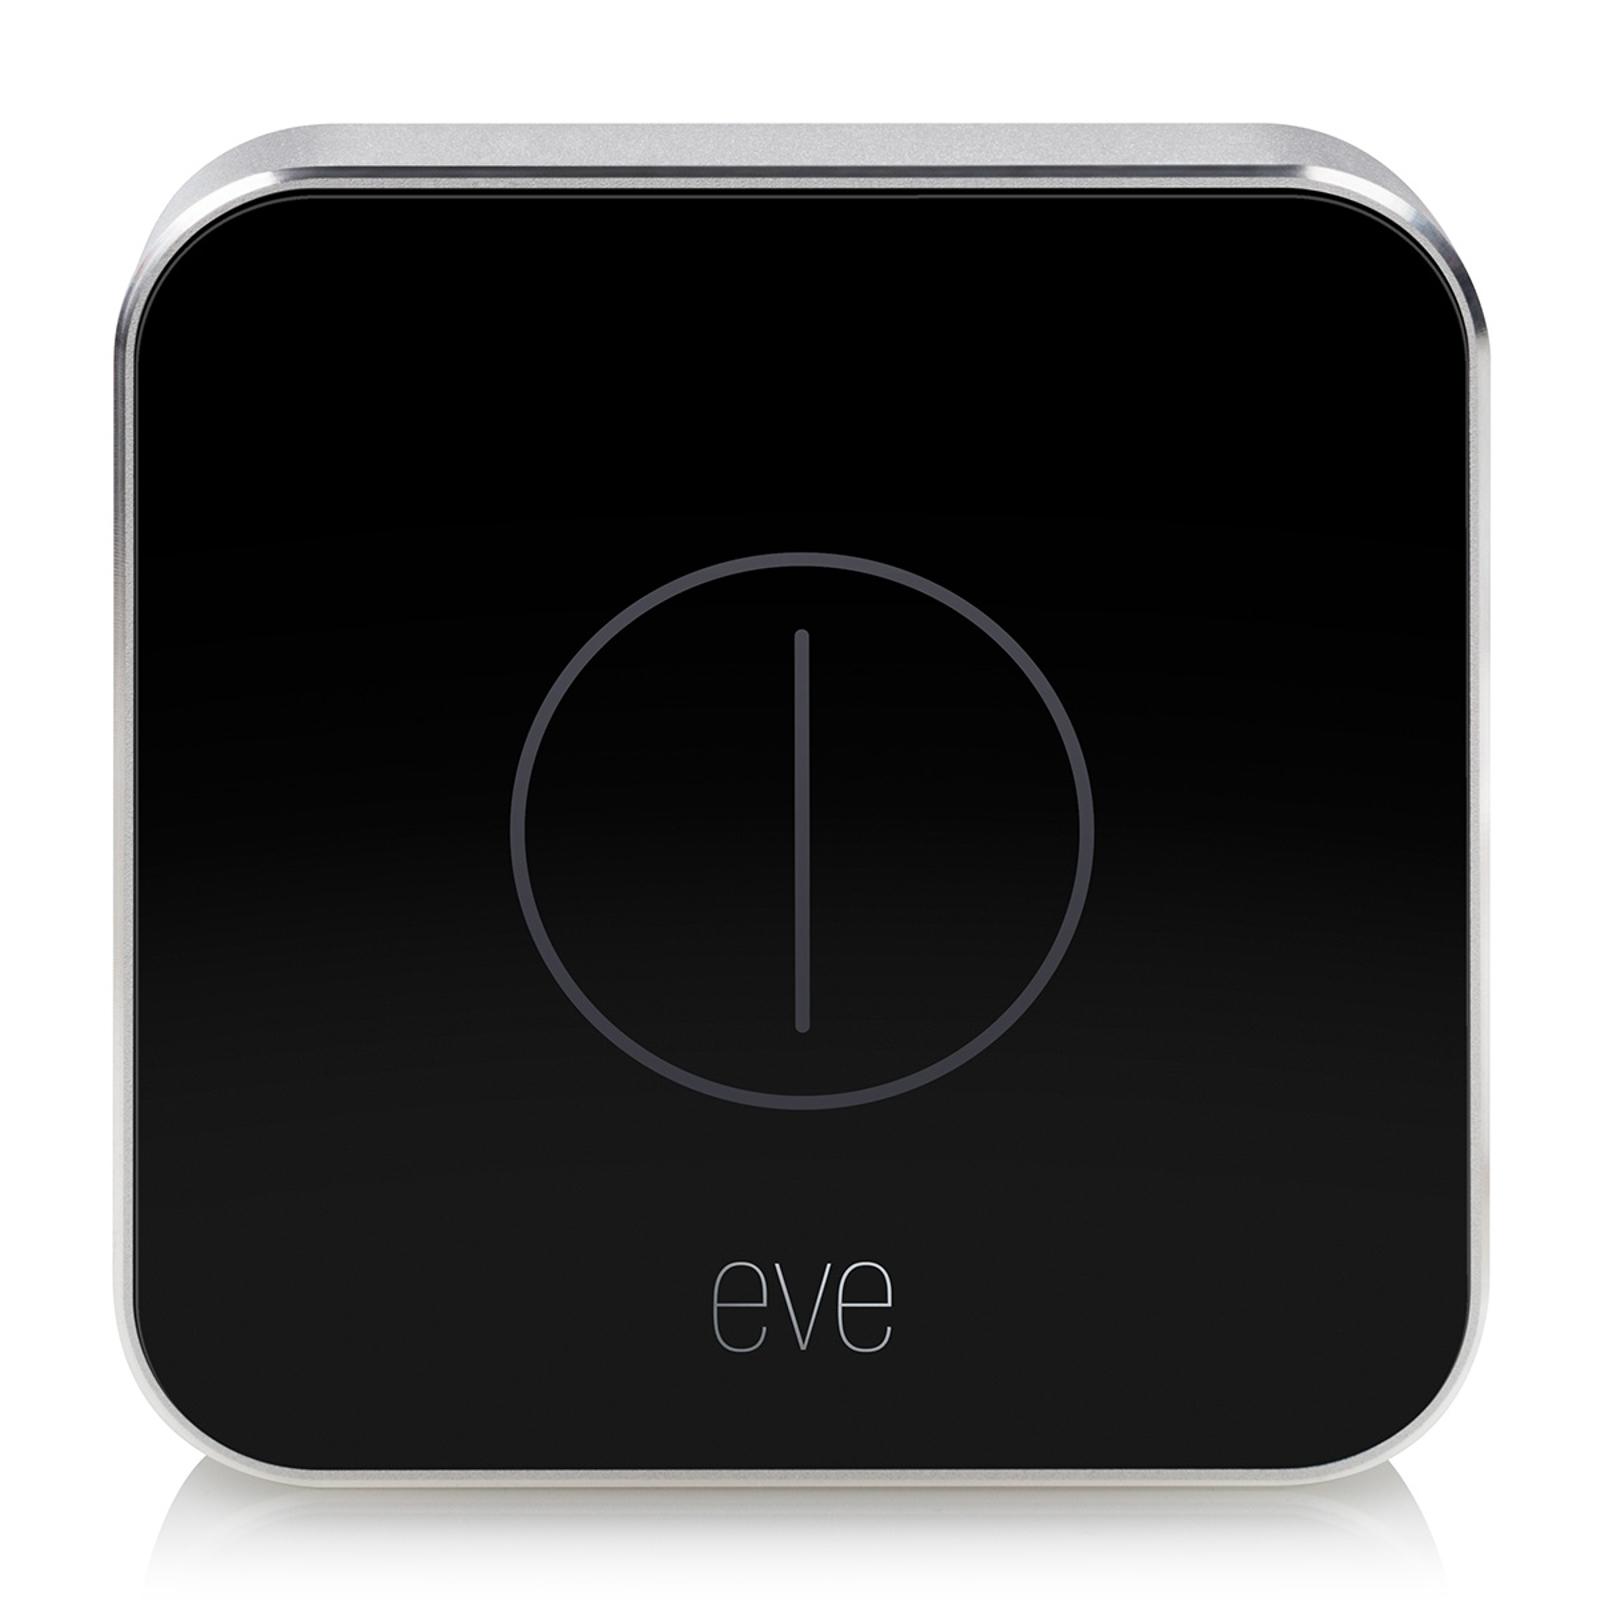 Eve Button Fernbedienung für Apple HomeKit-Geräte